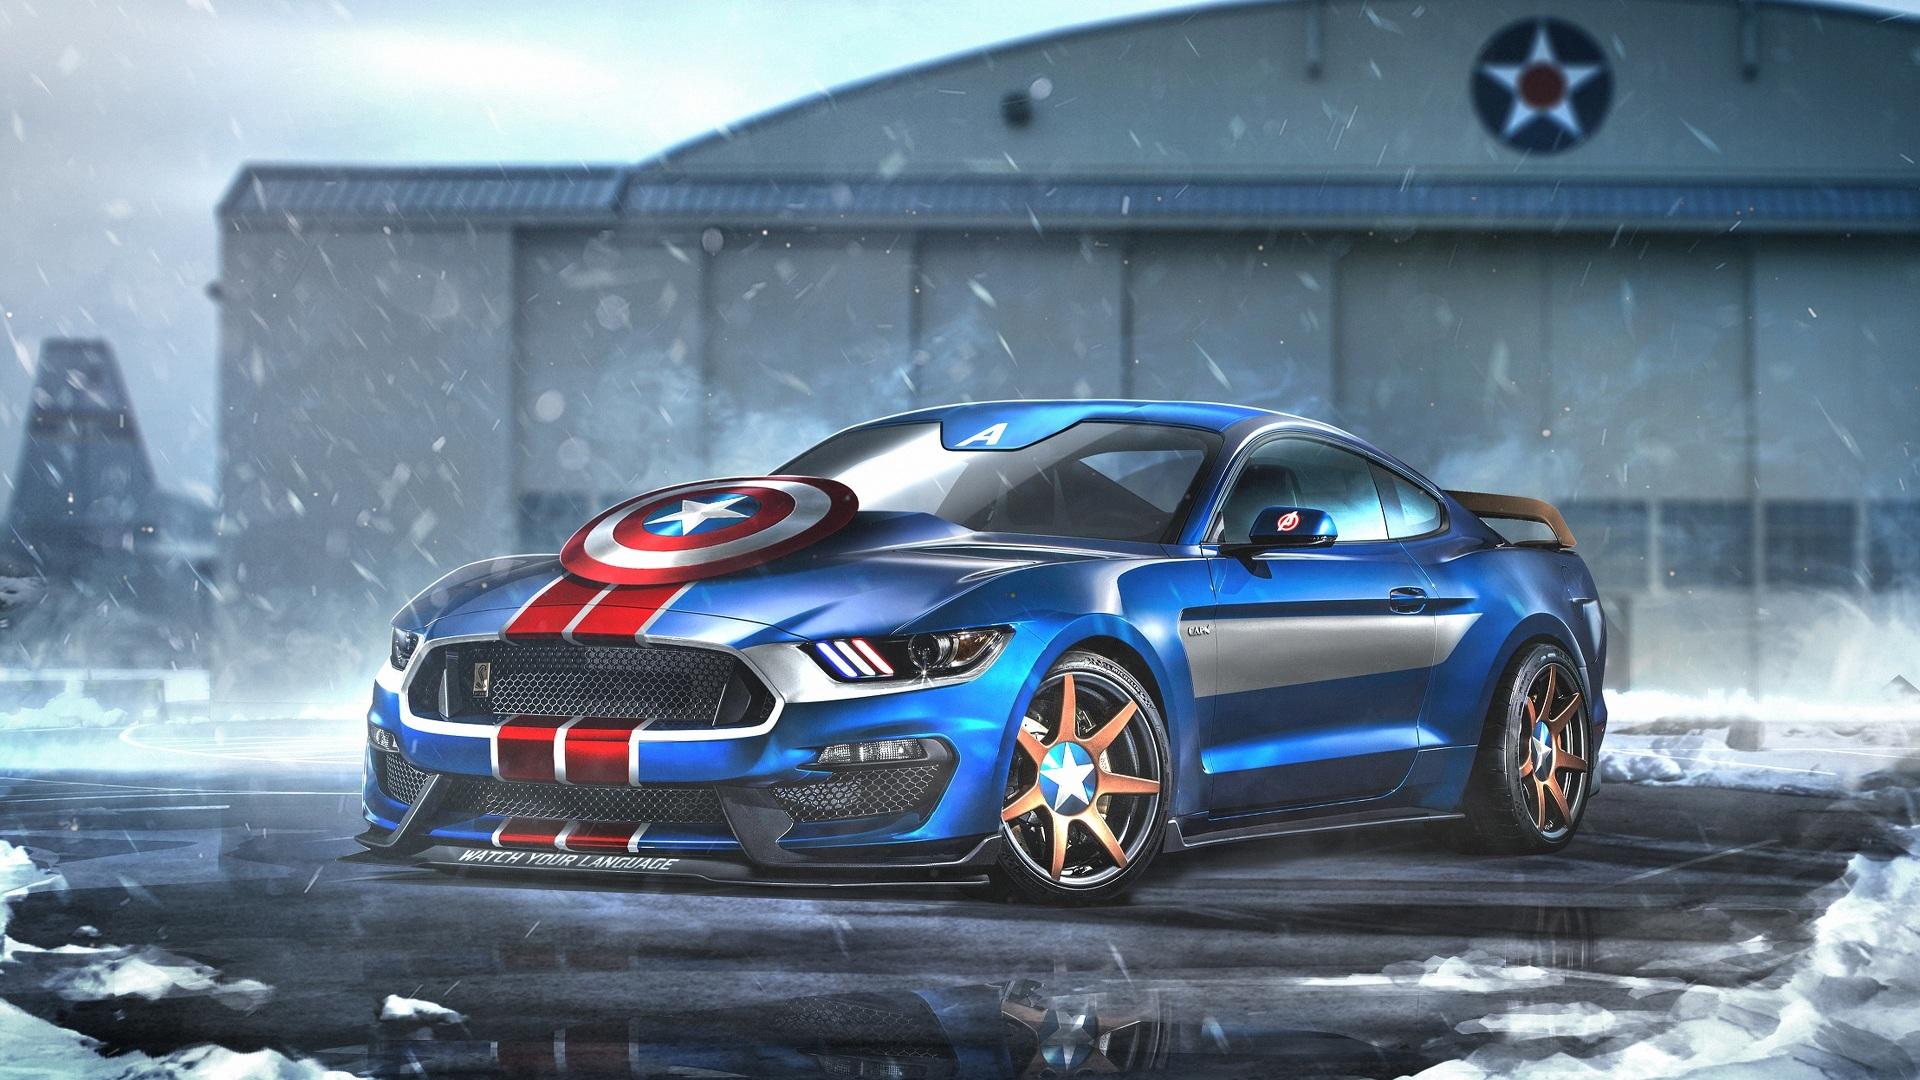 Капитан Америка! Ничто так не ассоциируется с Американским автопромом, как Мустанг! Думаю тут автор железно попал в точку! Настоящий Muscle car, перекачанный стероидами, самоуверенный , красивый и сильный.